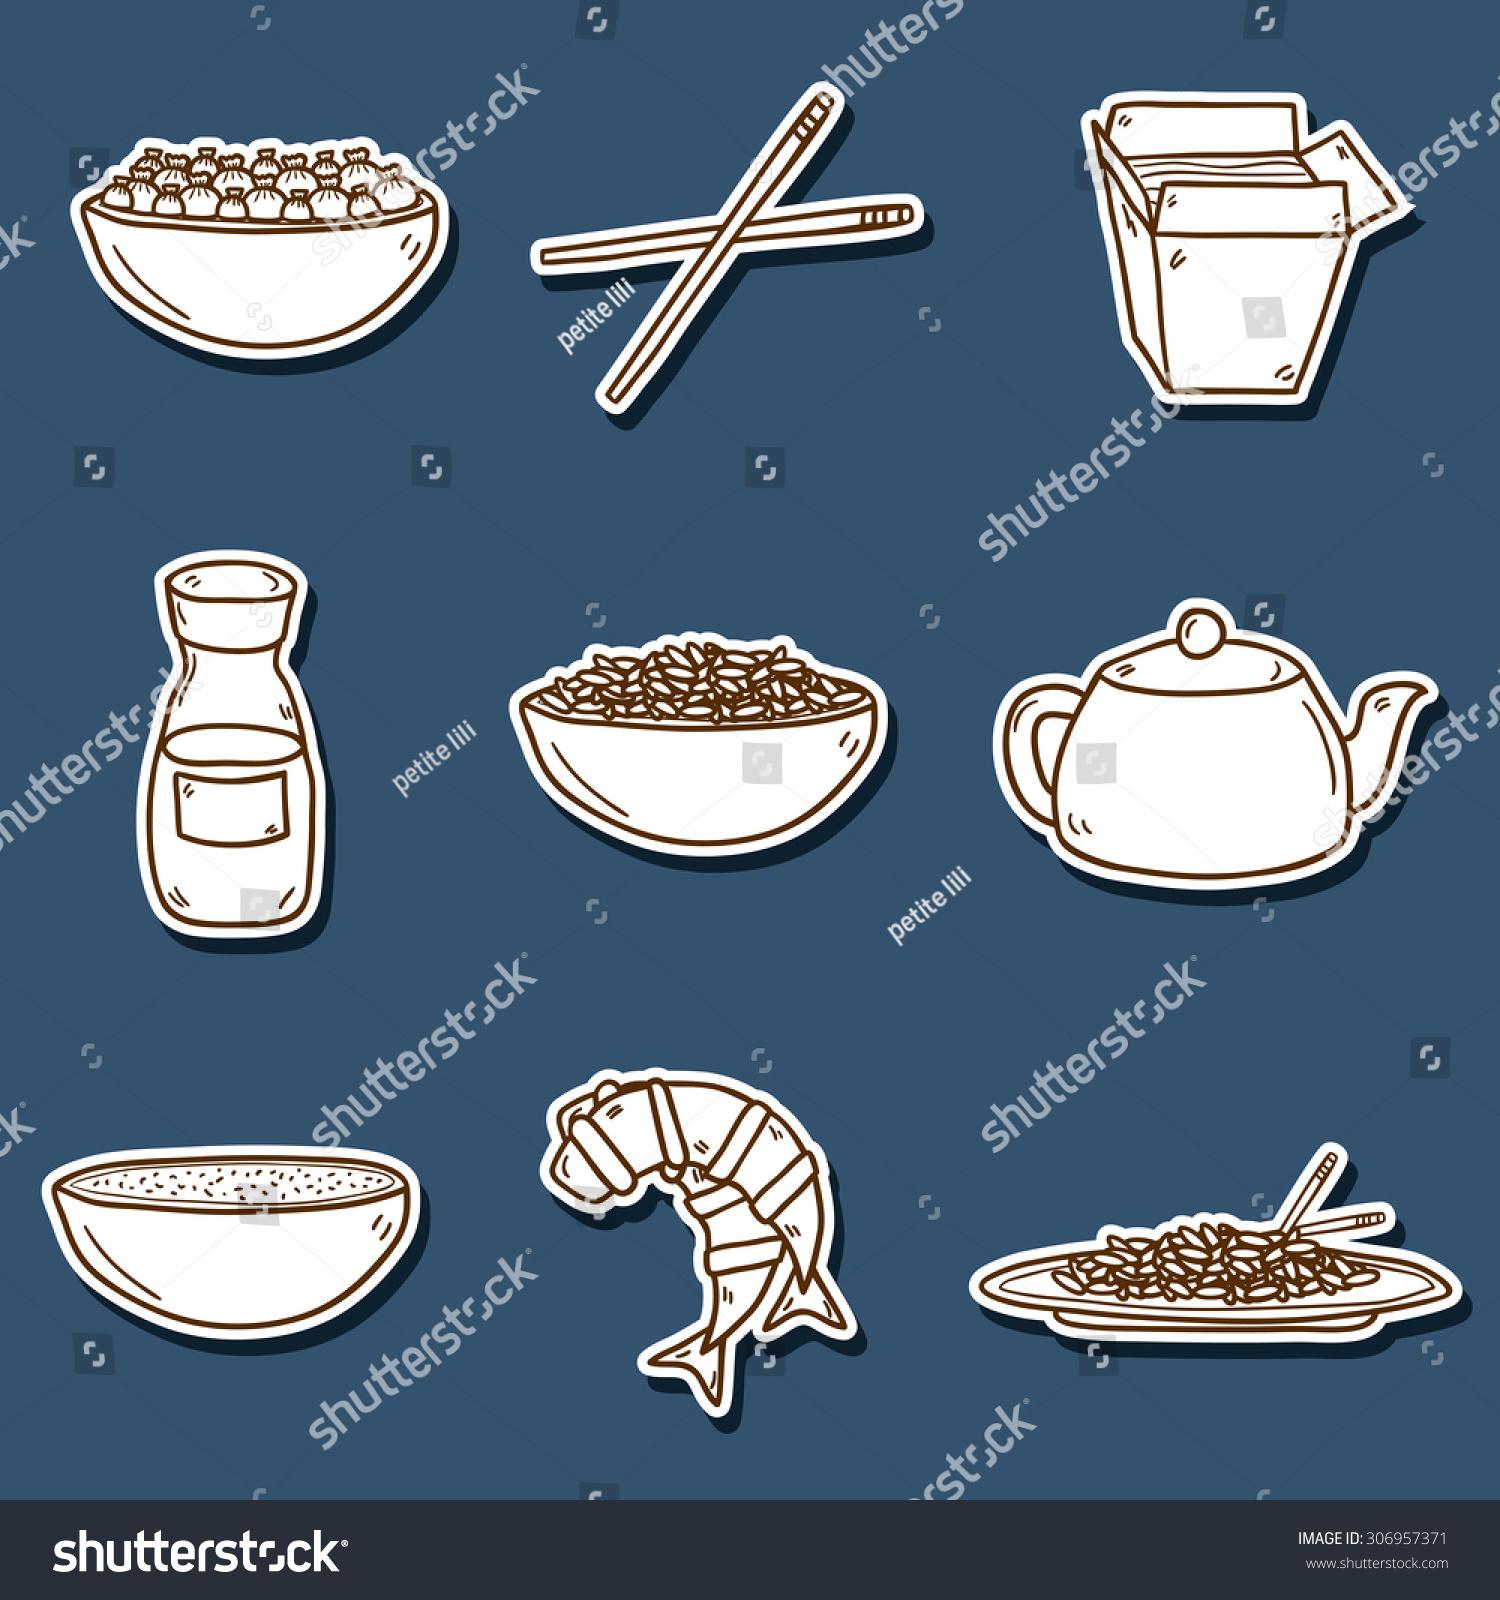 Set Cute Modern Hand Drawn Cartoon Stock Vector 306957371 Shutterstock